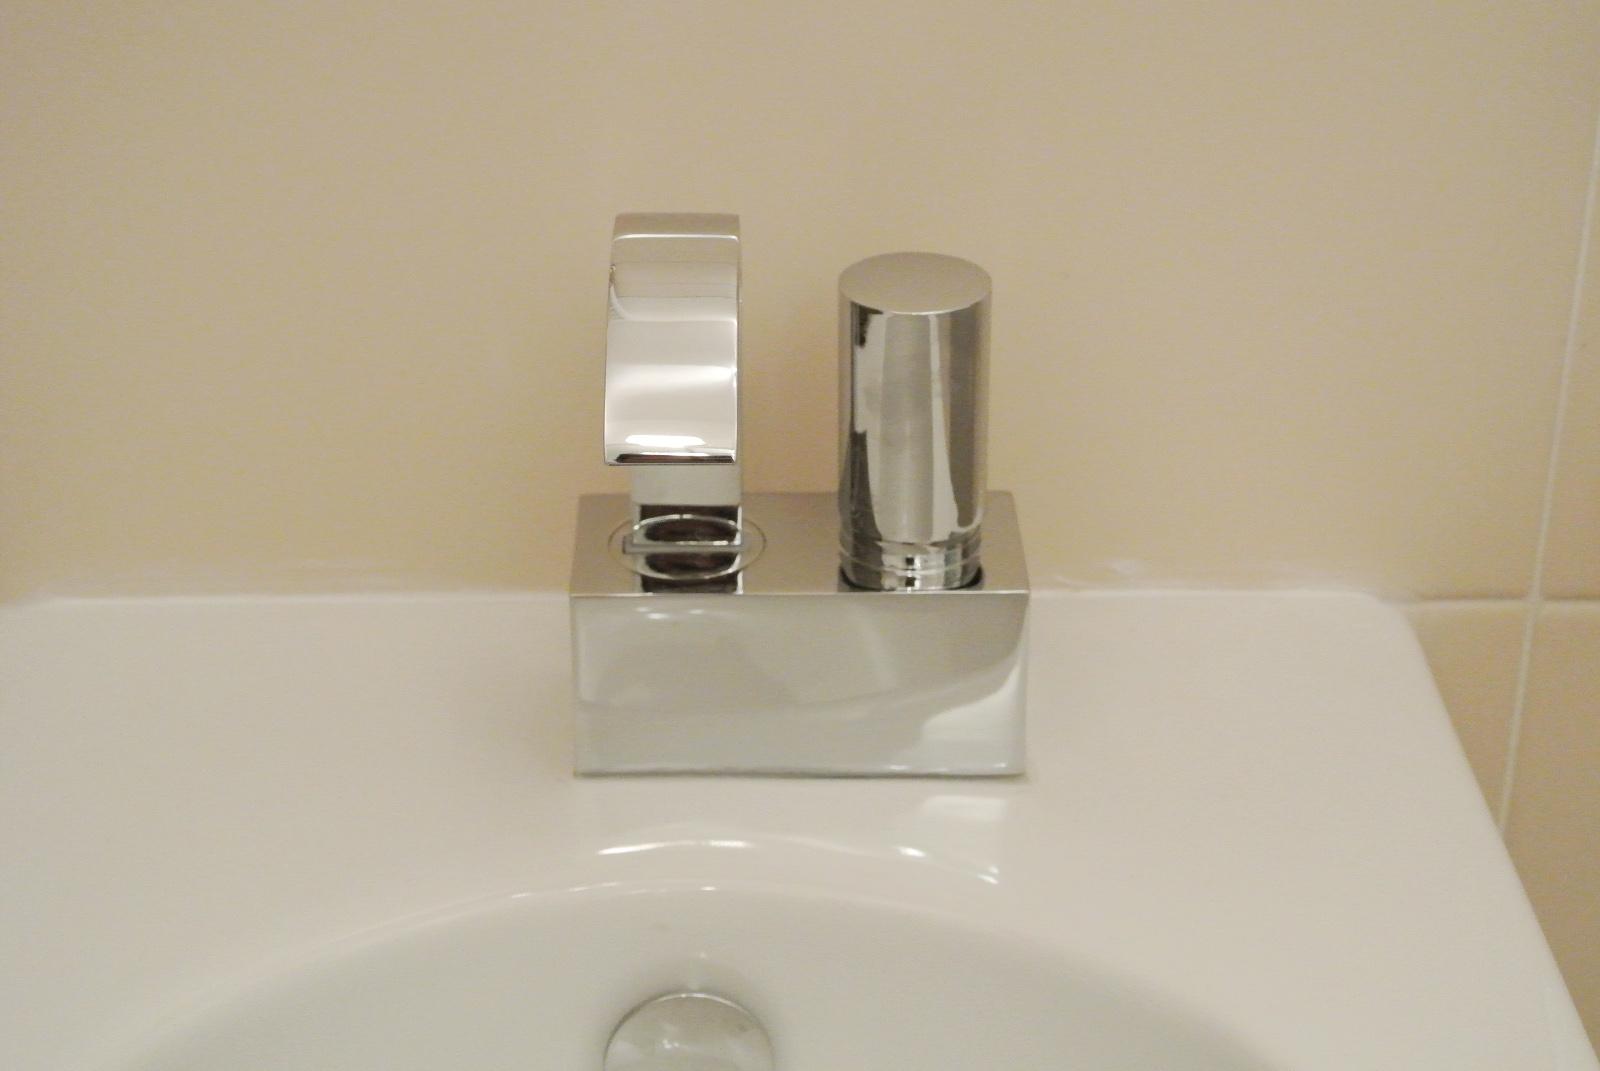 sintesibagno-arredobagno-arredo-bagno-svizzera-mobile-puntotre-lavabo-appoggio-catalano-lavabo-arco-bonomi